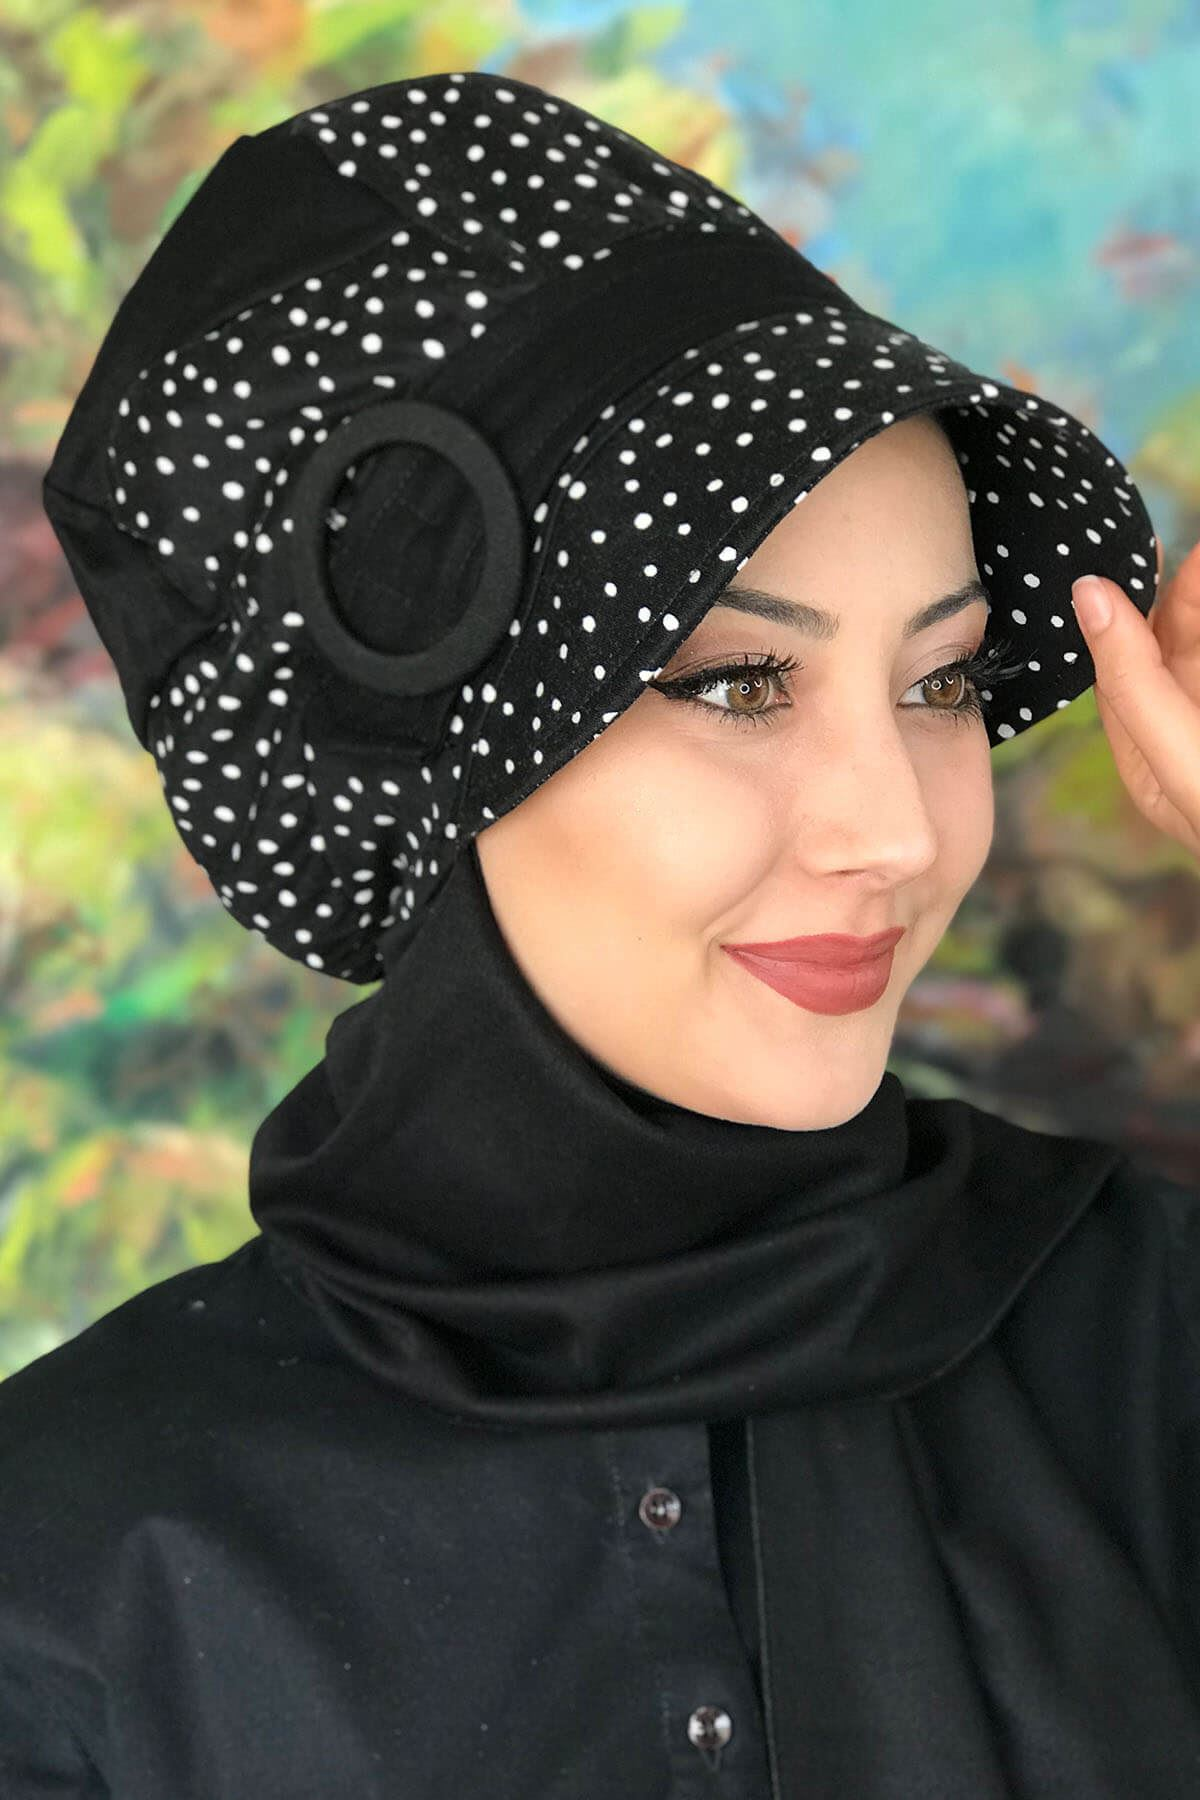 Bad-ı Saba Siyah Beyaz Benekli Çarkıfelek Tokalı Atkılı Şapka